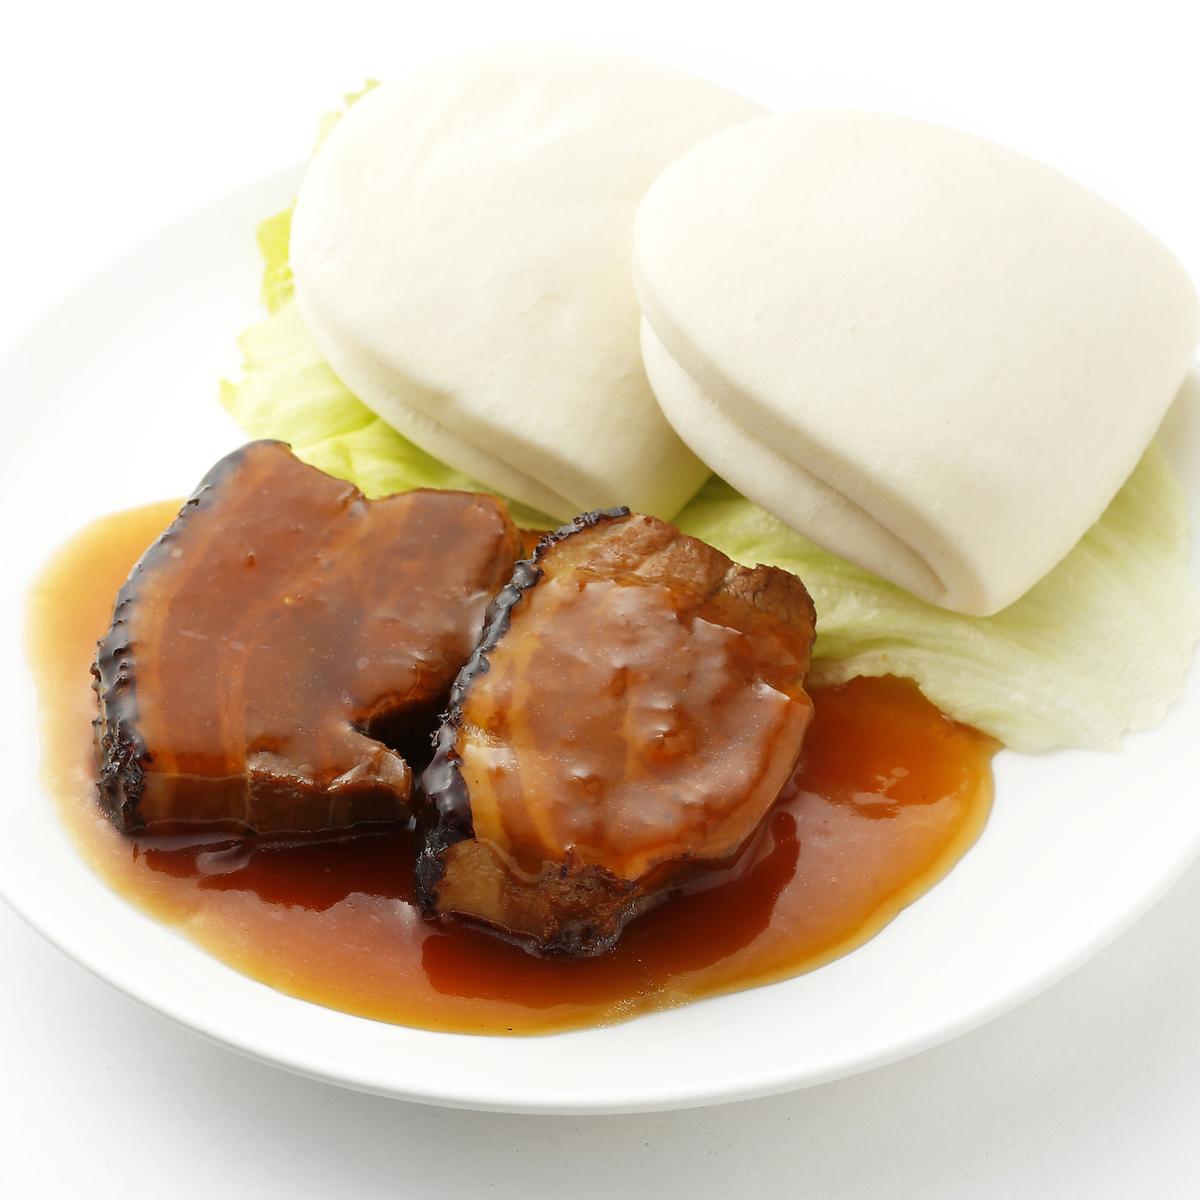 豚バラ肉の角煮(蒸しパン付)/豚肉とピーマン炒め